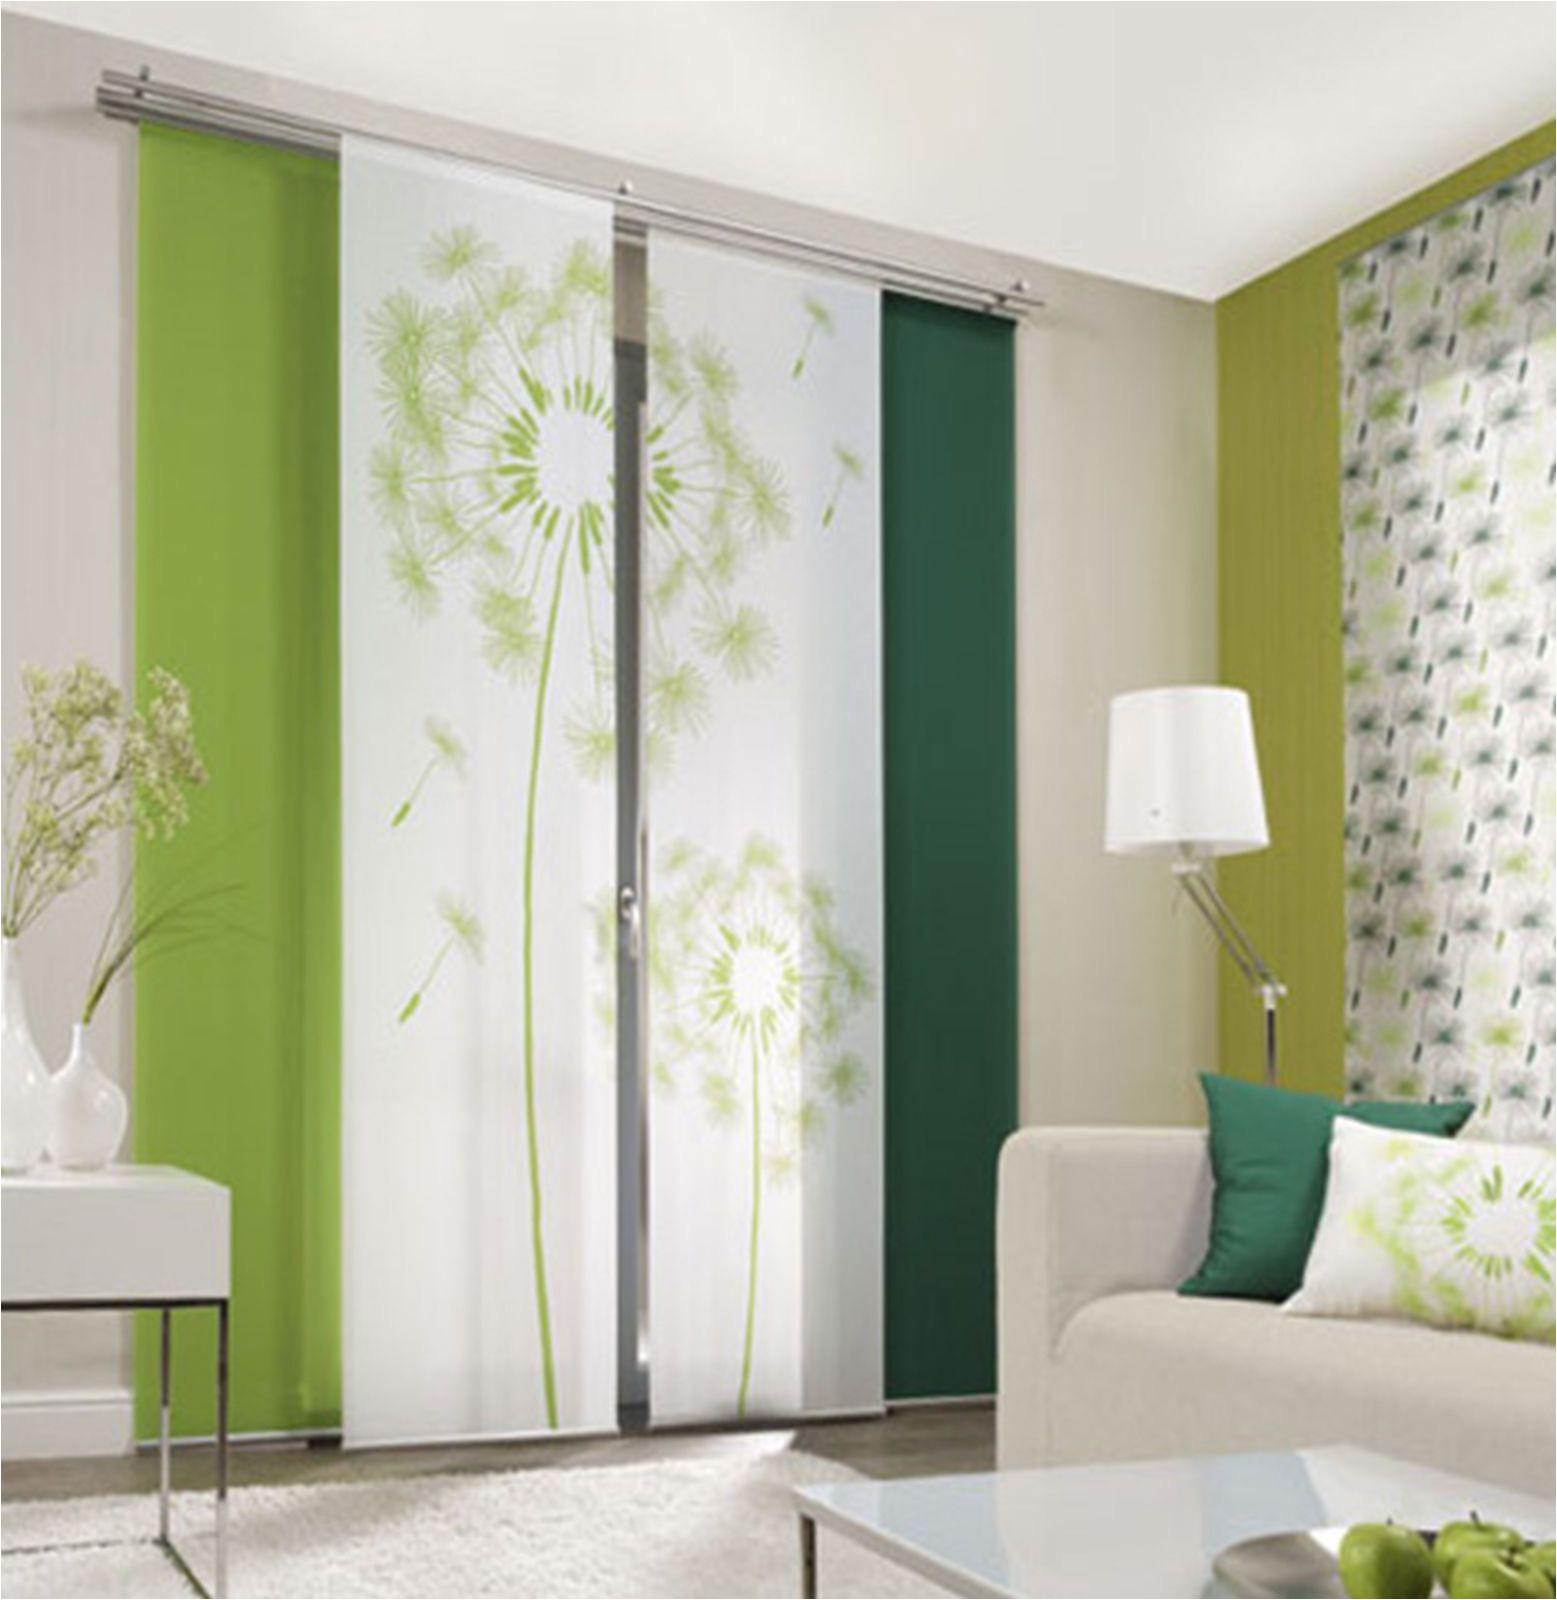 dandelion allover 1 sliding curtain panels room dividers panel ebay